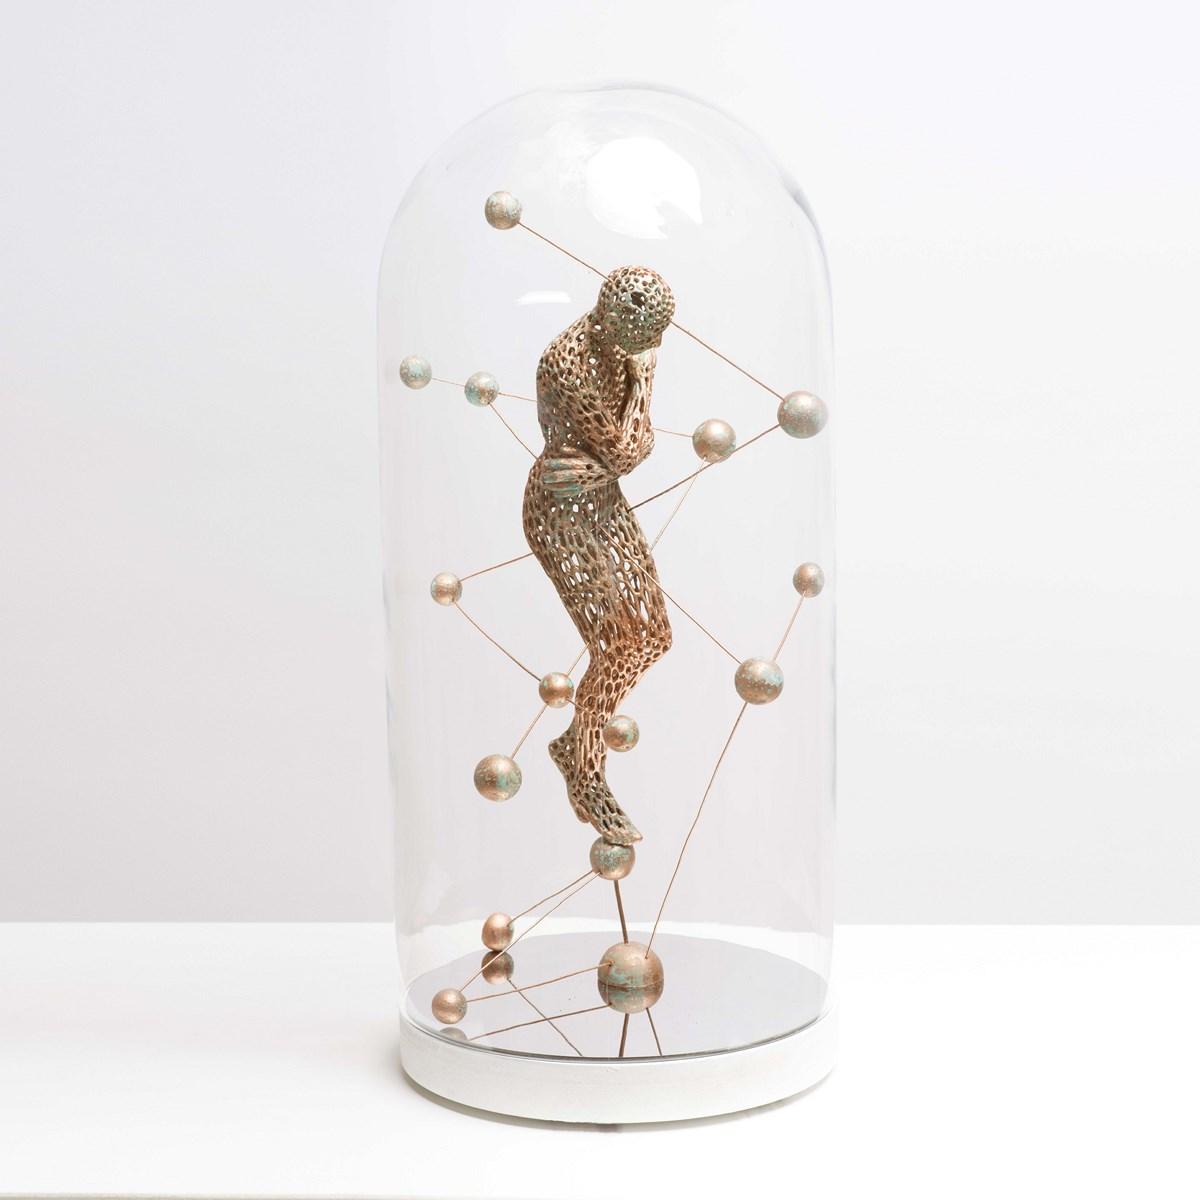 Bonzanos Art Group, Riflettendo il cosmo, 2016, scultura su lastra specchiante in teca di vetro, cm. 44x19,5x19,5